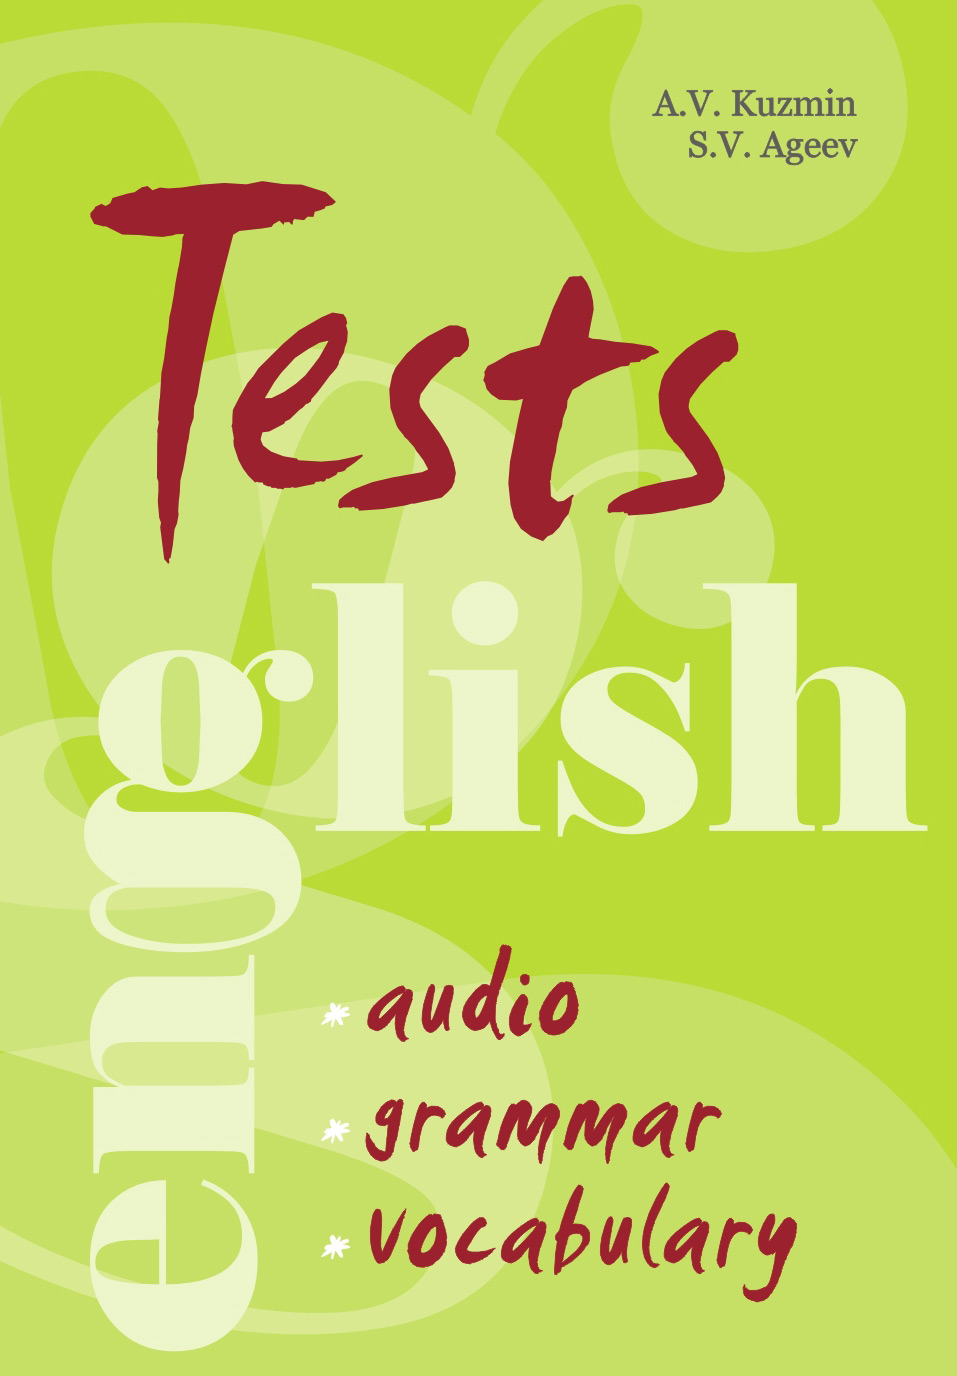 А. В. Кузьмин Тесты по английскому языку. Грамматика, лексика, аудирование (+MP3) цена